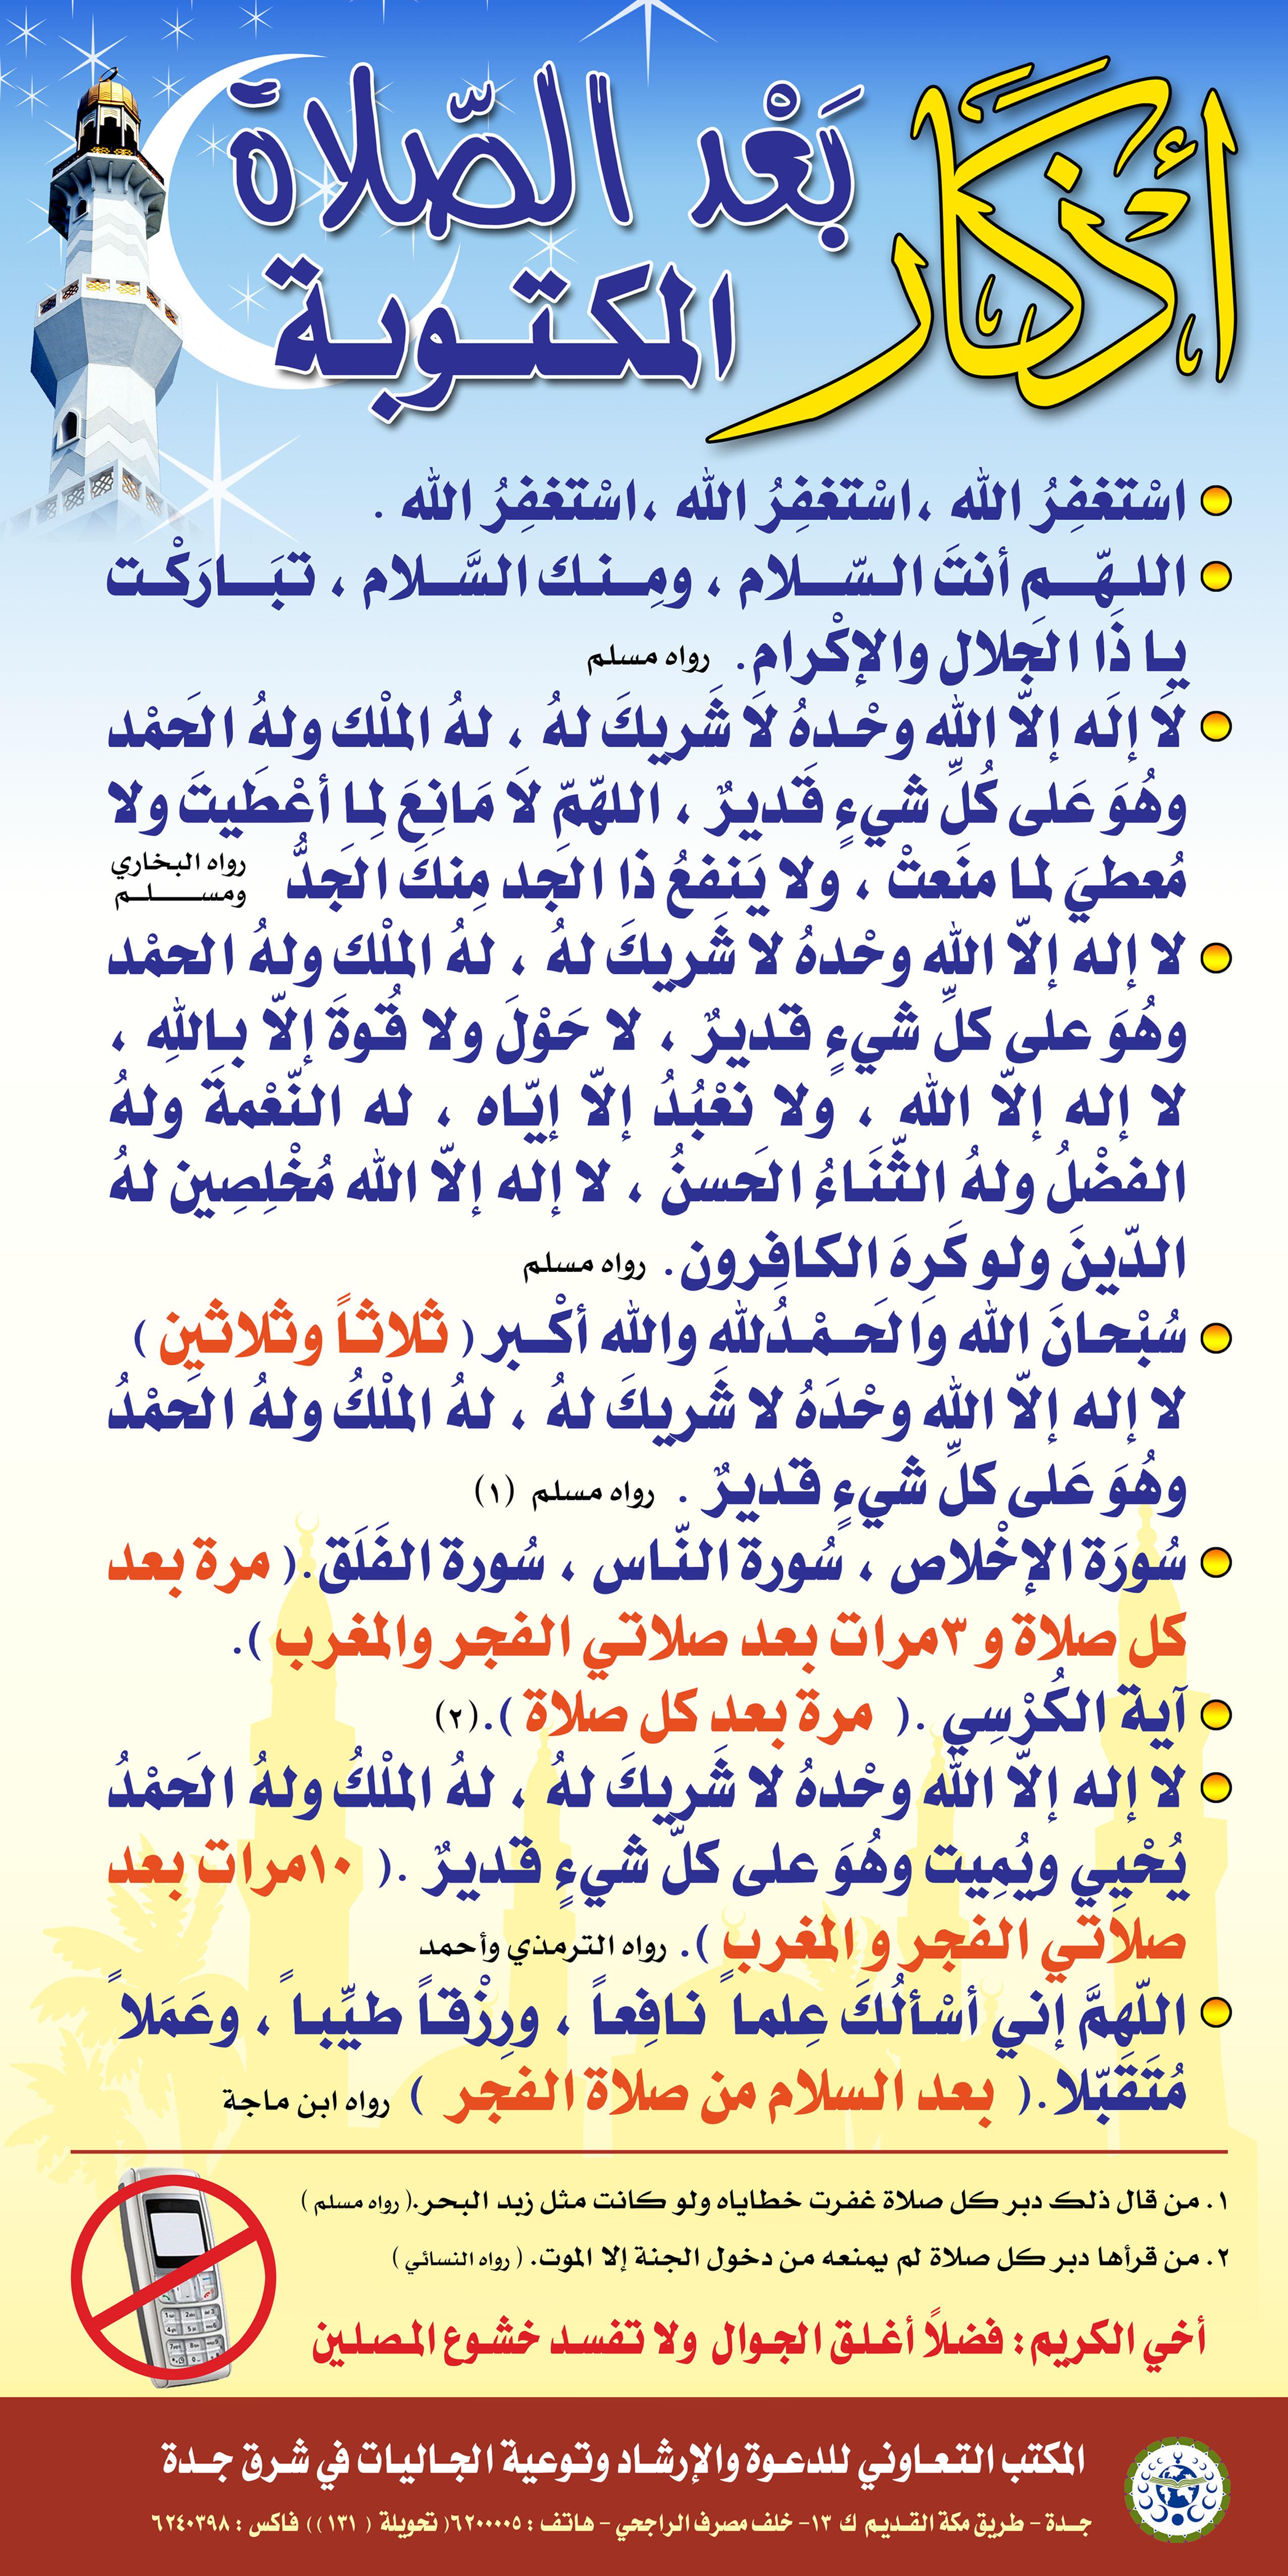 لا الہ الا اللہ محمد رسول اللہ::So know (O Muhammad SAW ...